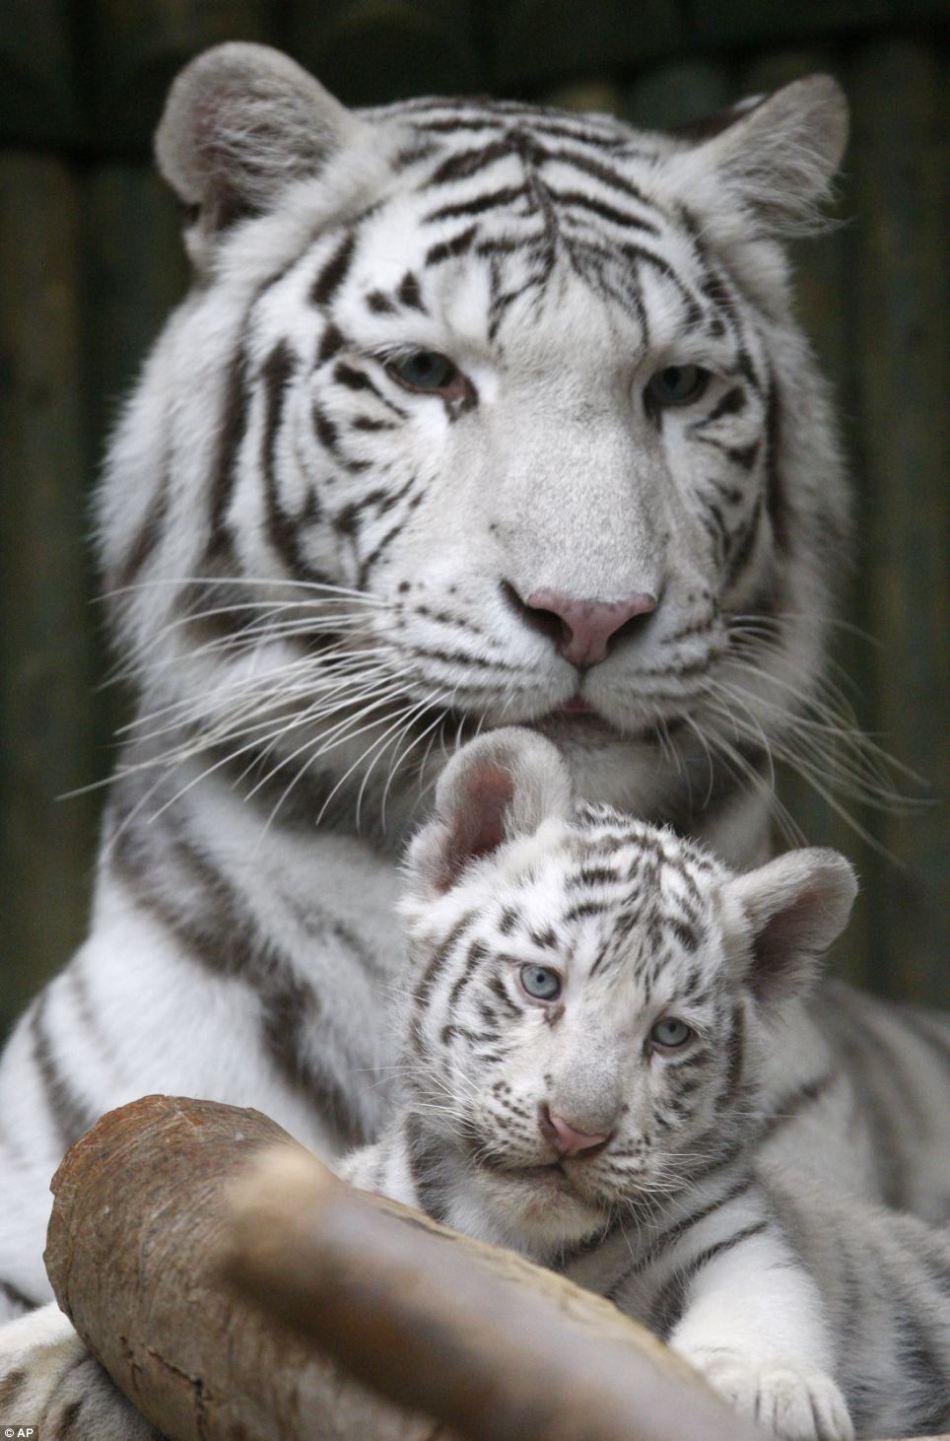 国内资讯_捷克动物园为罕见白色孟加拉虎征名_旅游_环球网